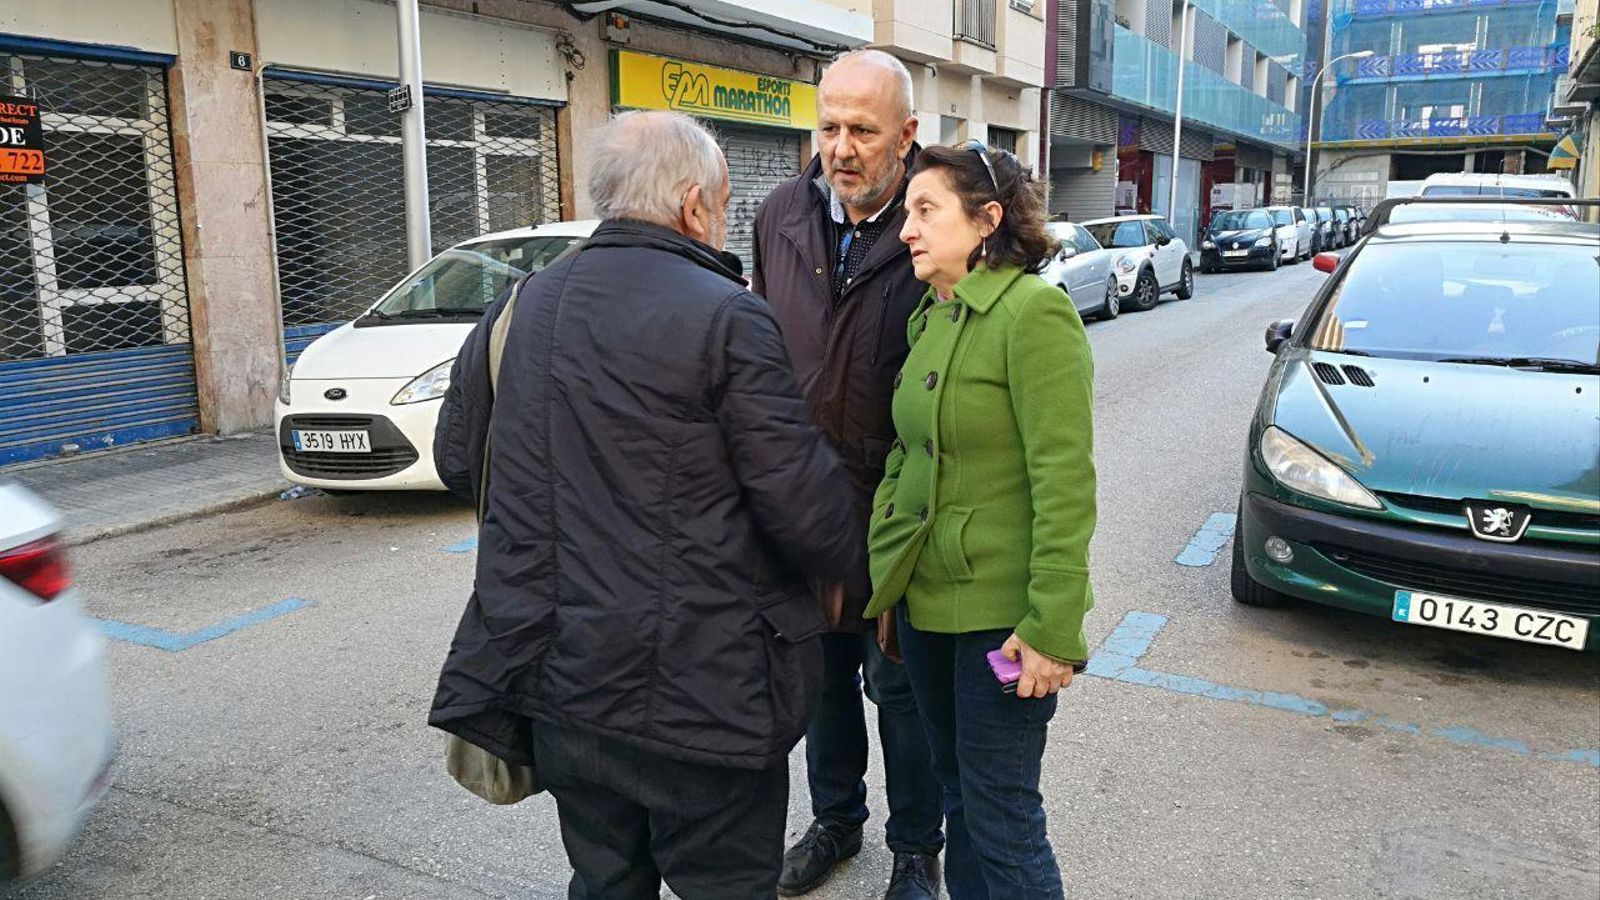 Ensenyat i Santiago conversen amb el sociòleg Antoni Tarabini abans d'entrar al Consell Polític de MÉS per Mallorca.